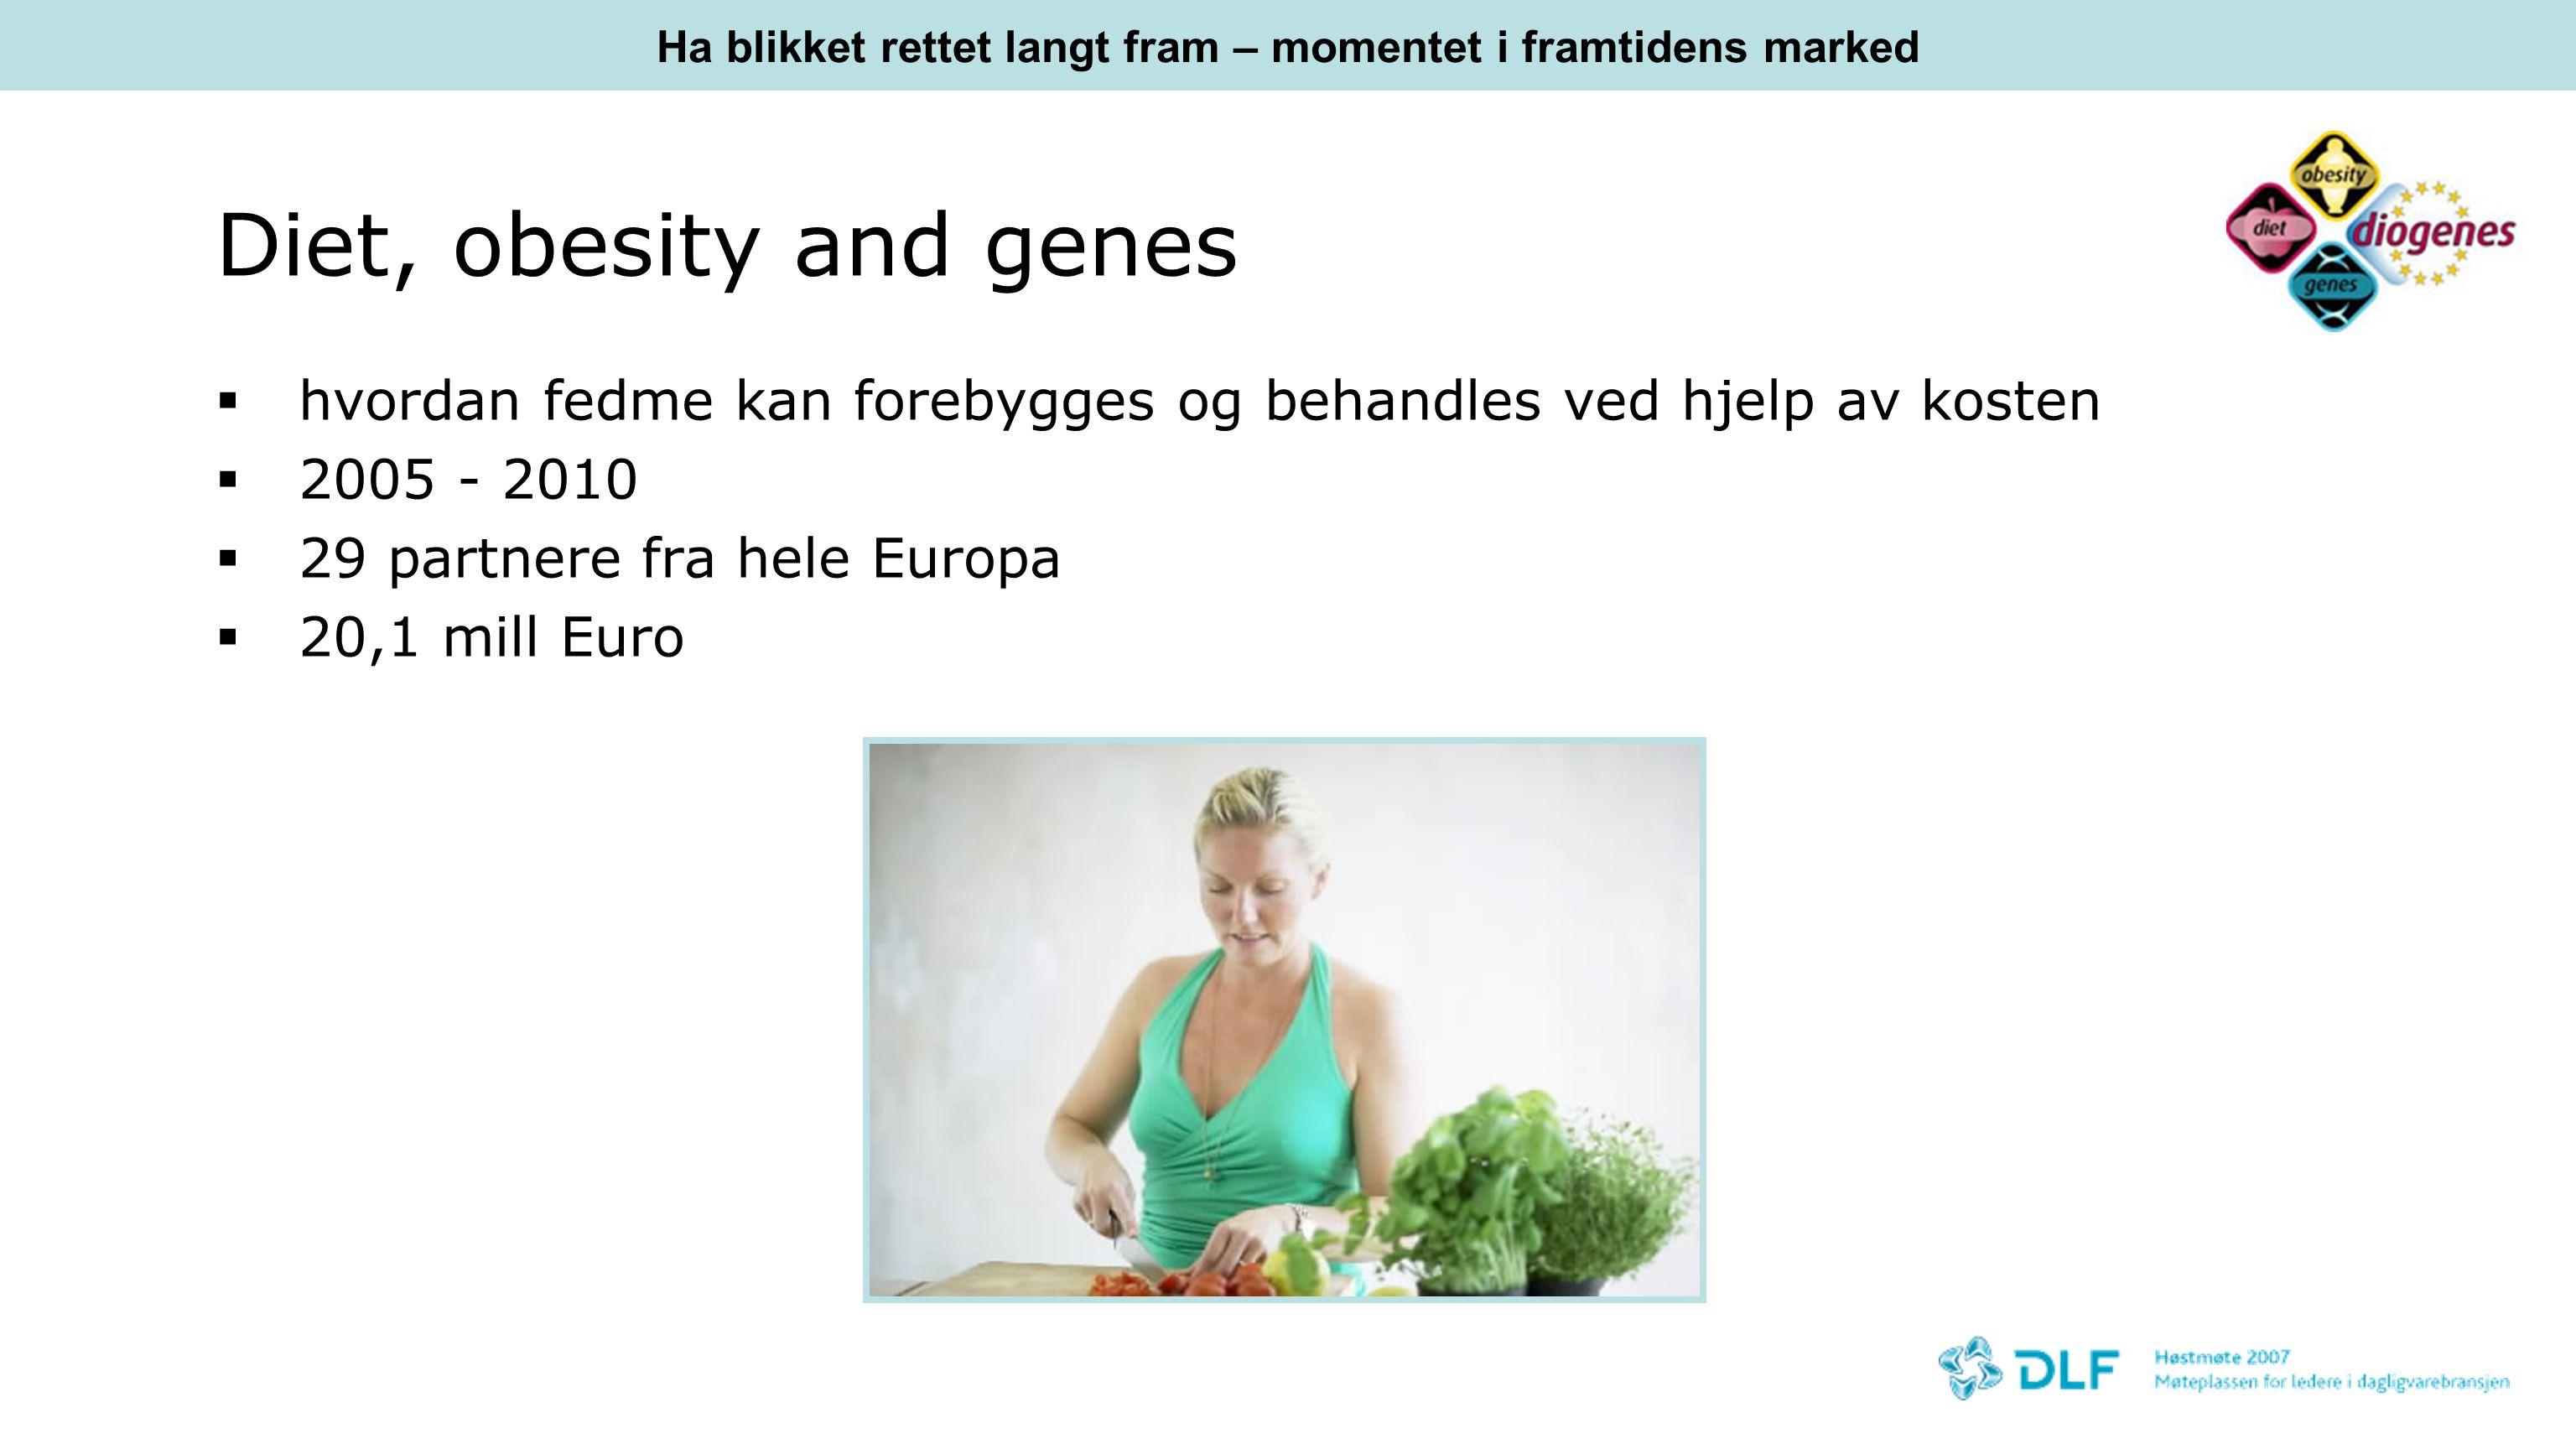 Diet, obesity and genes  hvordan fedme kan forebygges og behandles ved hjelp av kosten  2005 - 2010  29 partnere fra hele Europa  20,1 mill Euro E